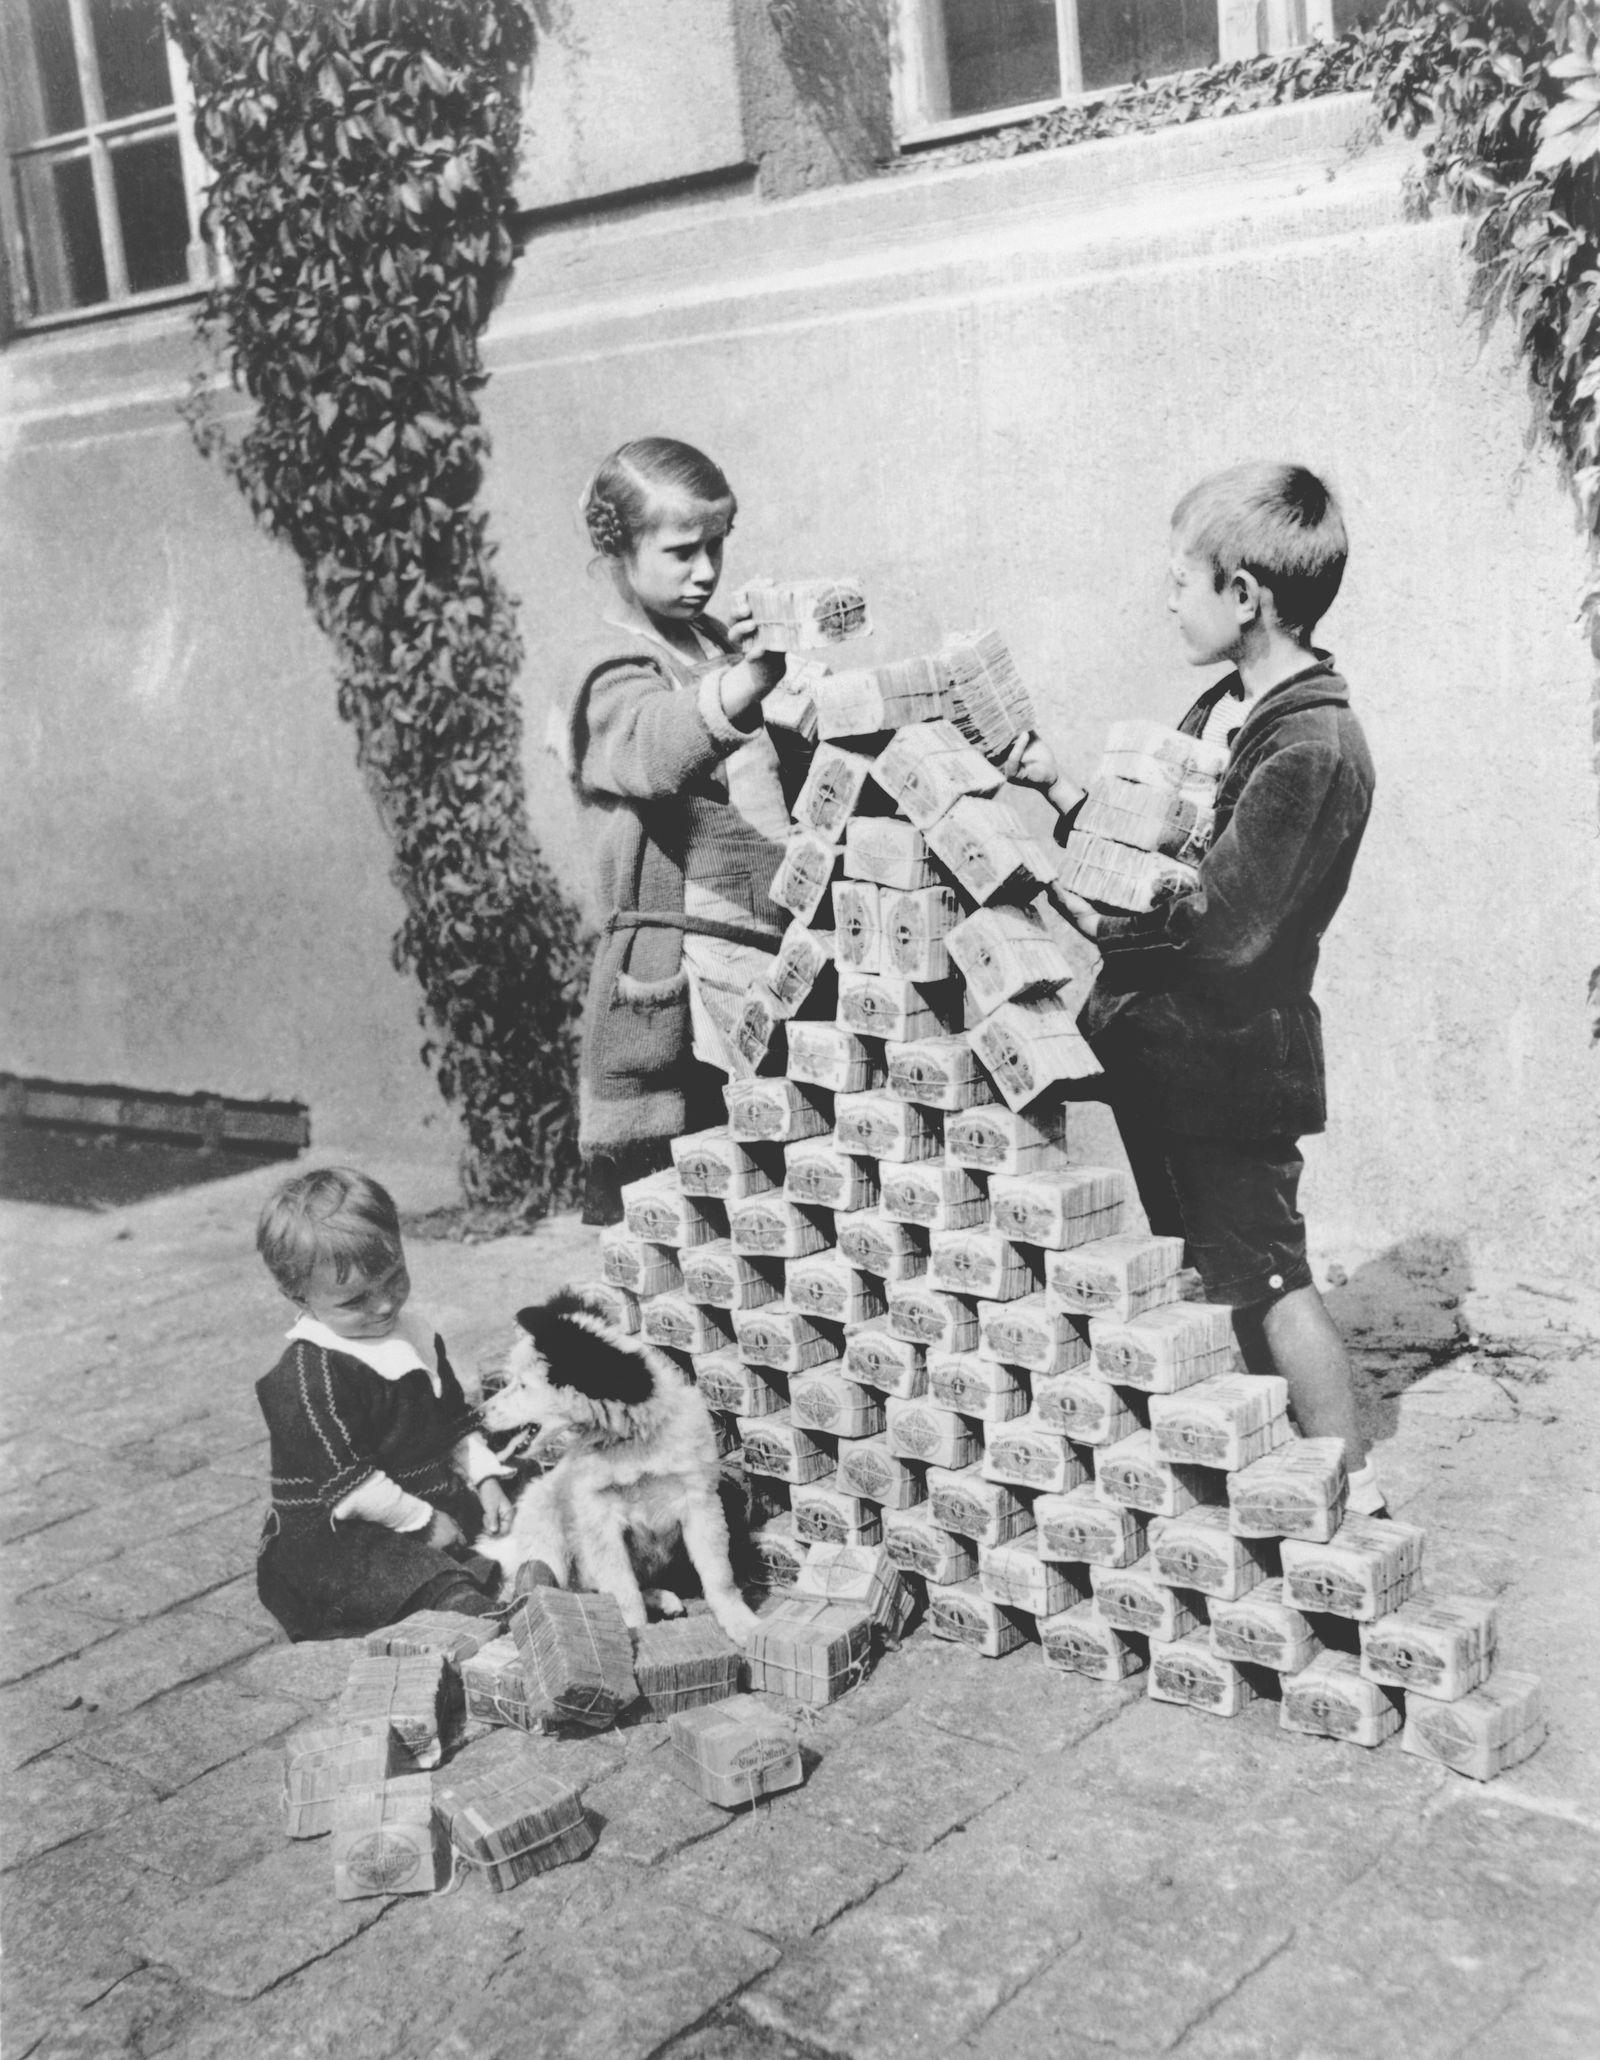 Kinder spielen mit Geldscheinen